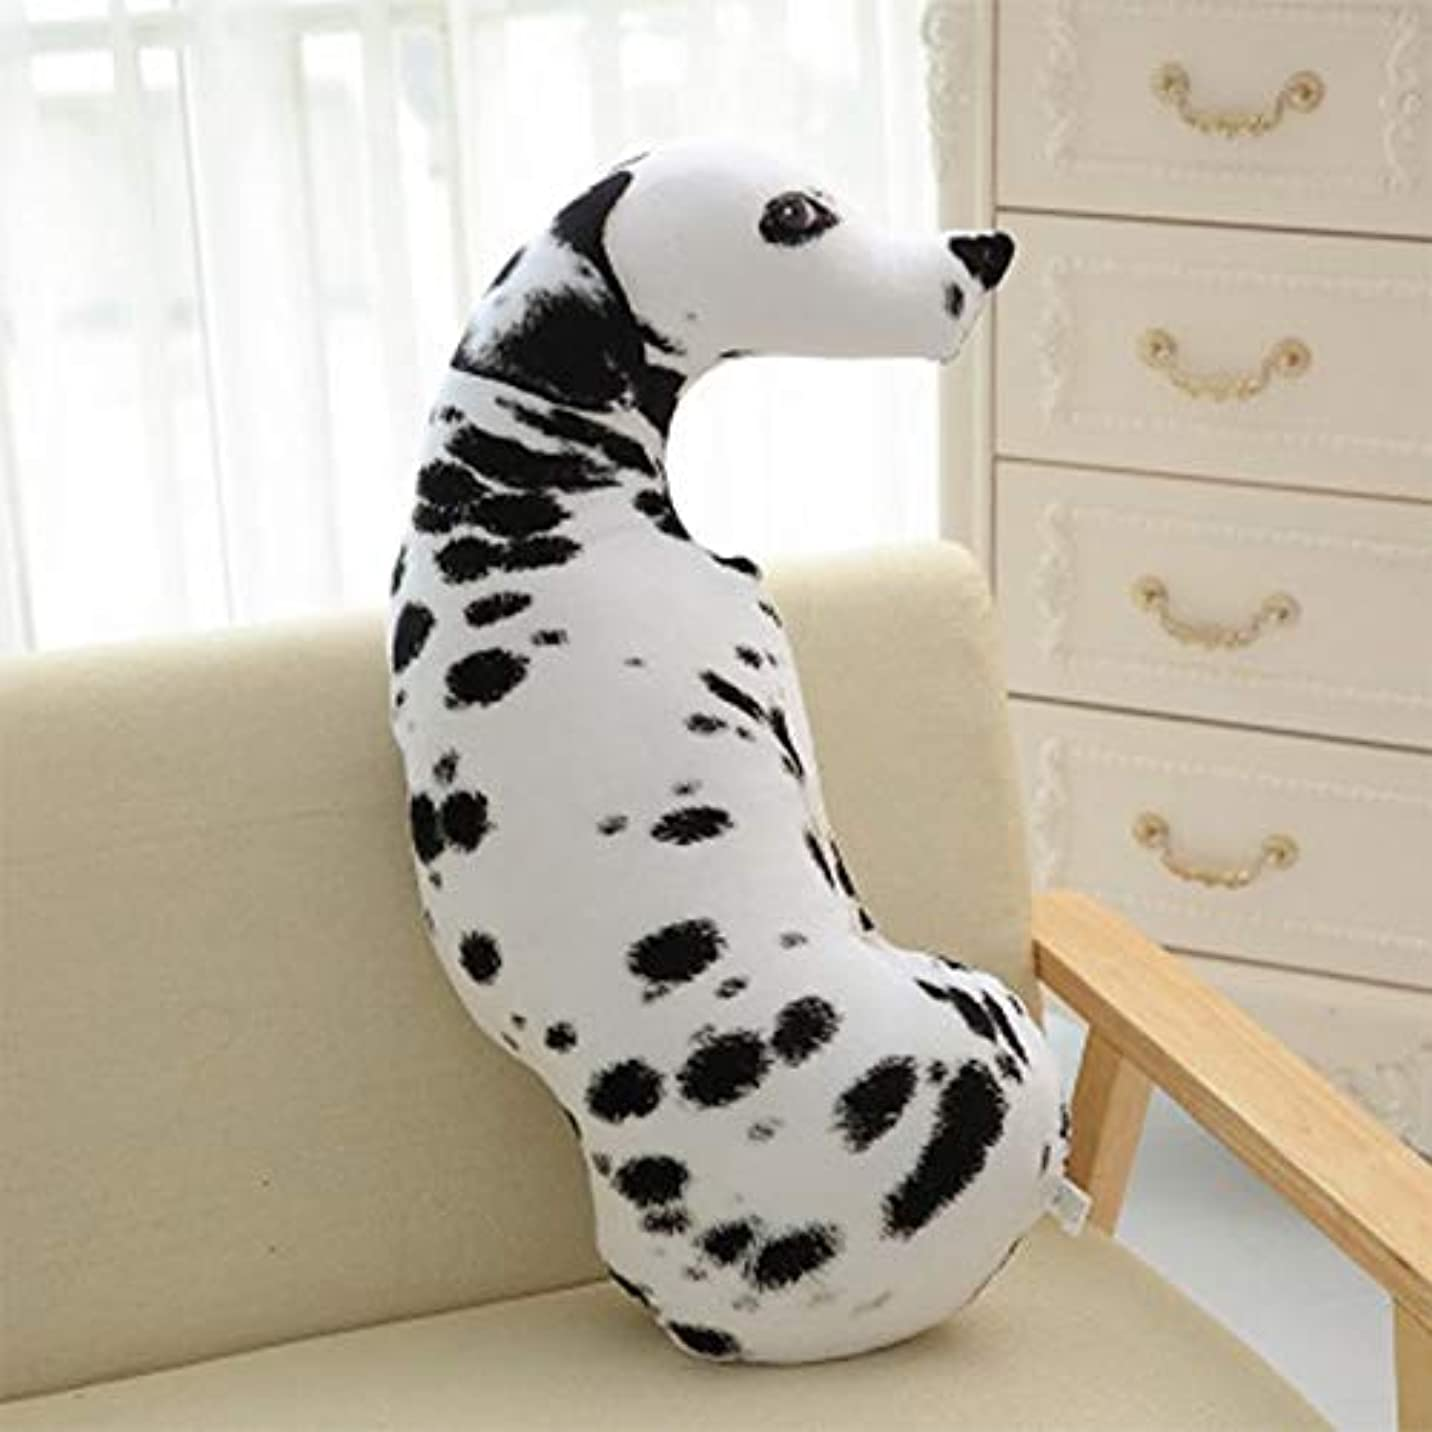 単調な天皇記念日LIFE 3D プリントシミュレーション犬ぬいぐるみクッションぬいぐるみ犬ぬいぐるみ枕ぬいぐるみの漫画クッションキッズ人形ベストギフト クッション 椅子